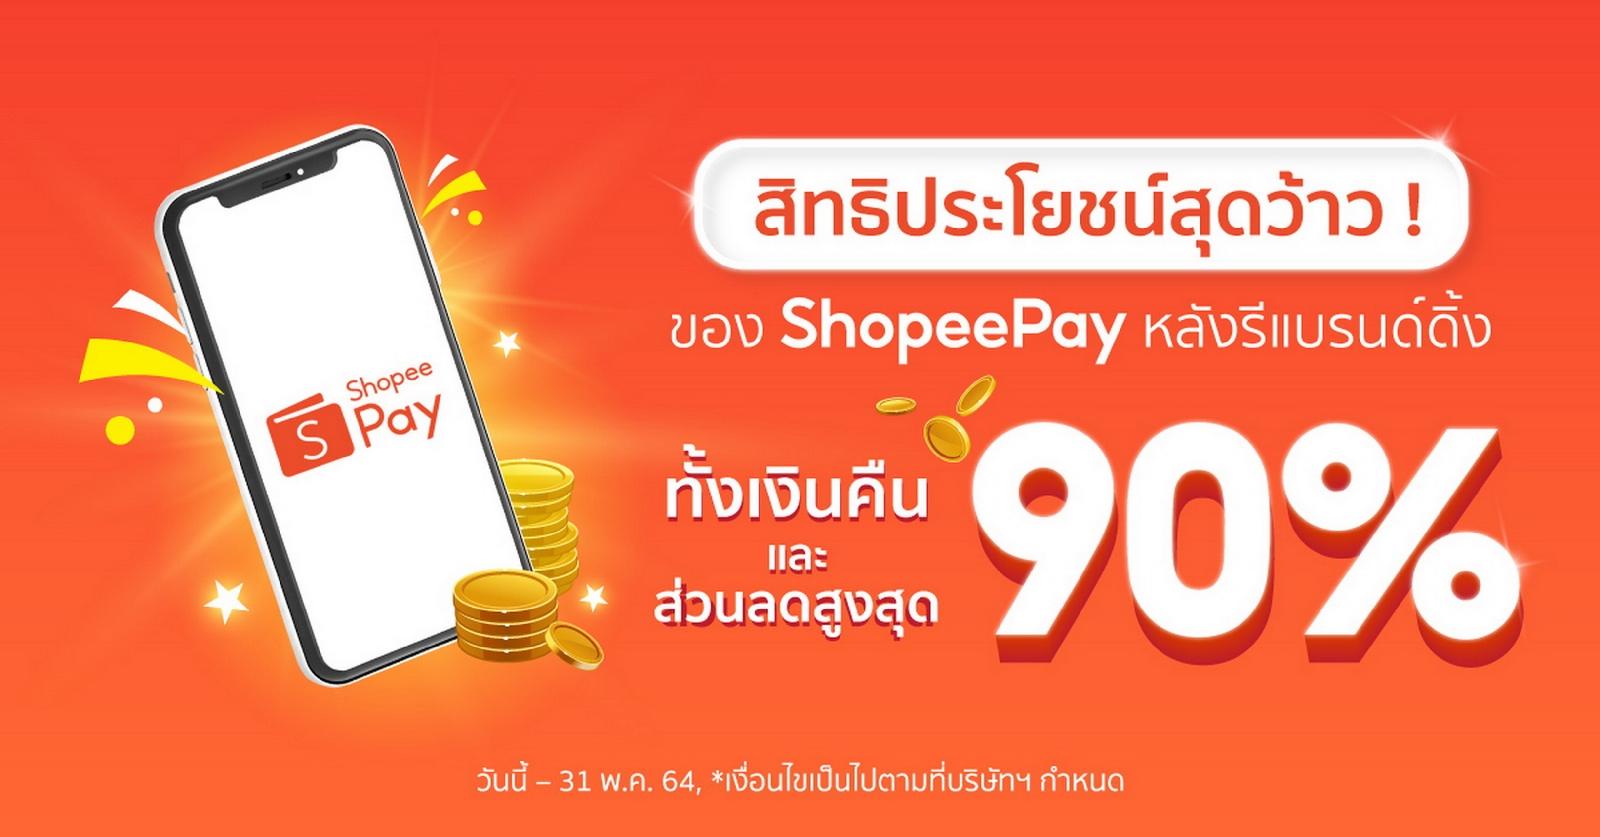 เปิดสิทธิประโยชน์สุดว้าวของ ShopeePay หลังรีแบรนด์ดิ้งเอาใจทั้งลูกค้าใหม่-ลูกค้าปัจจุบัน รับเงินคืนและส่วนลดสูงสุดถึง 90%